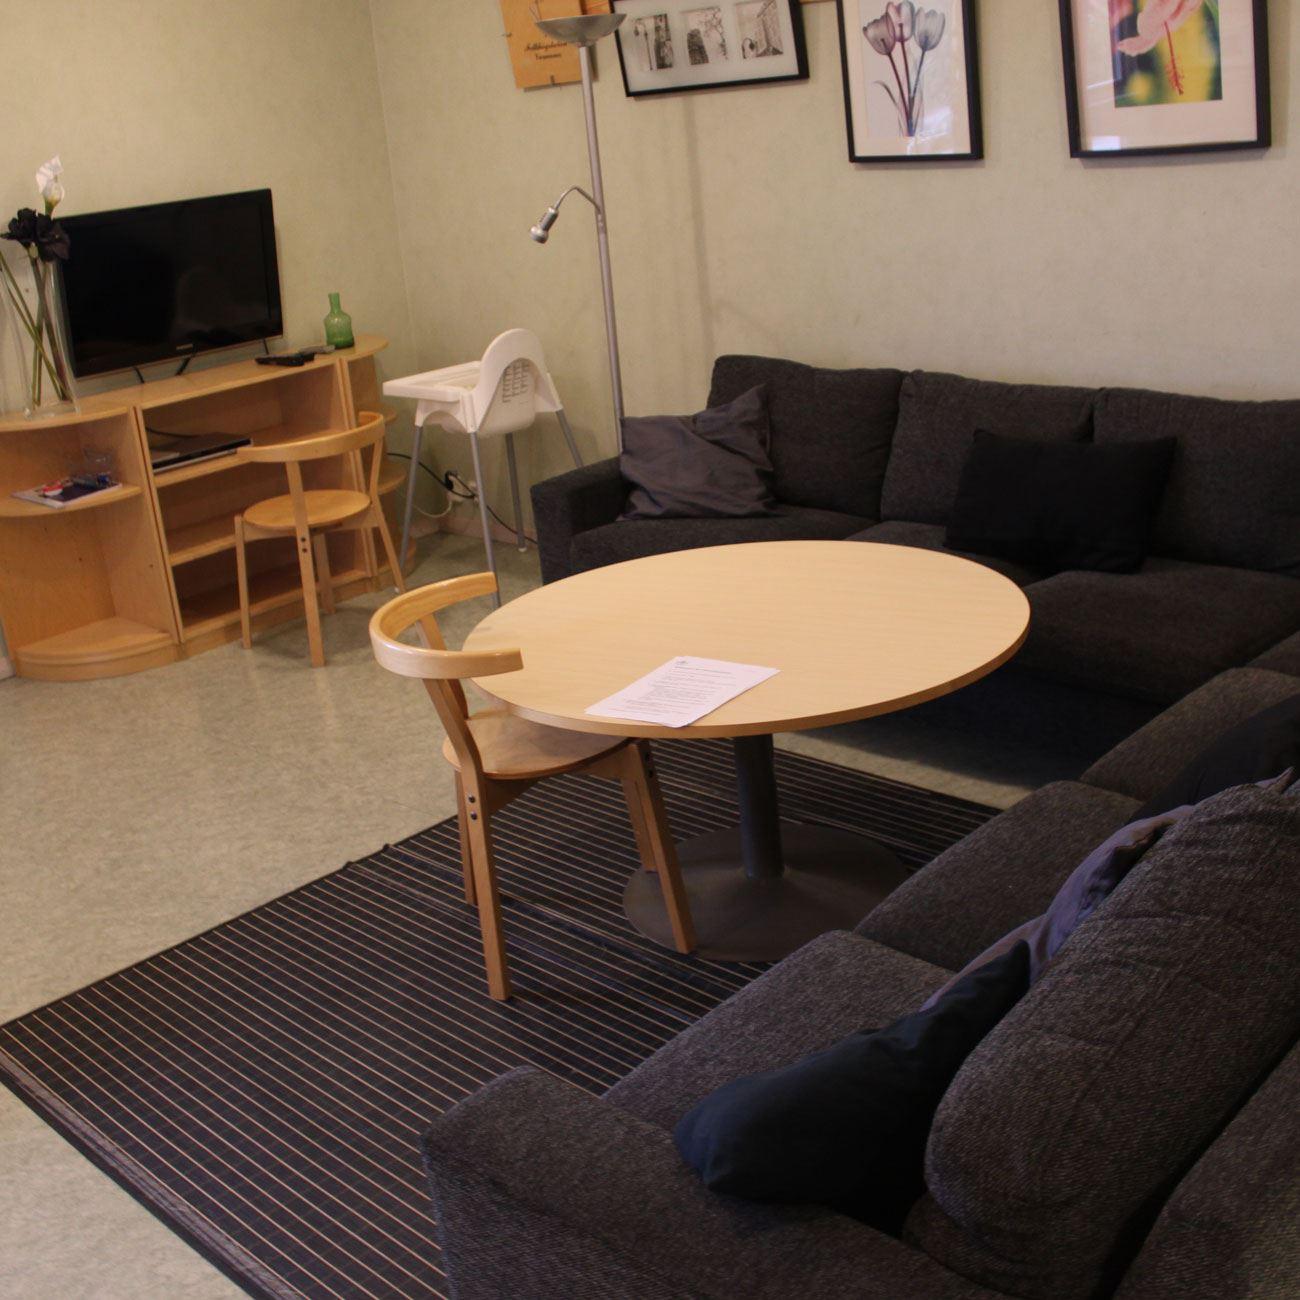 Foto: Värnamo Näringsliv AB,  © Värnamo Näringsliv AB , Hostel Folkhögskolan Värnamo